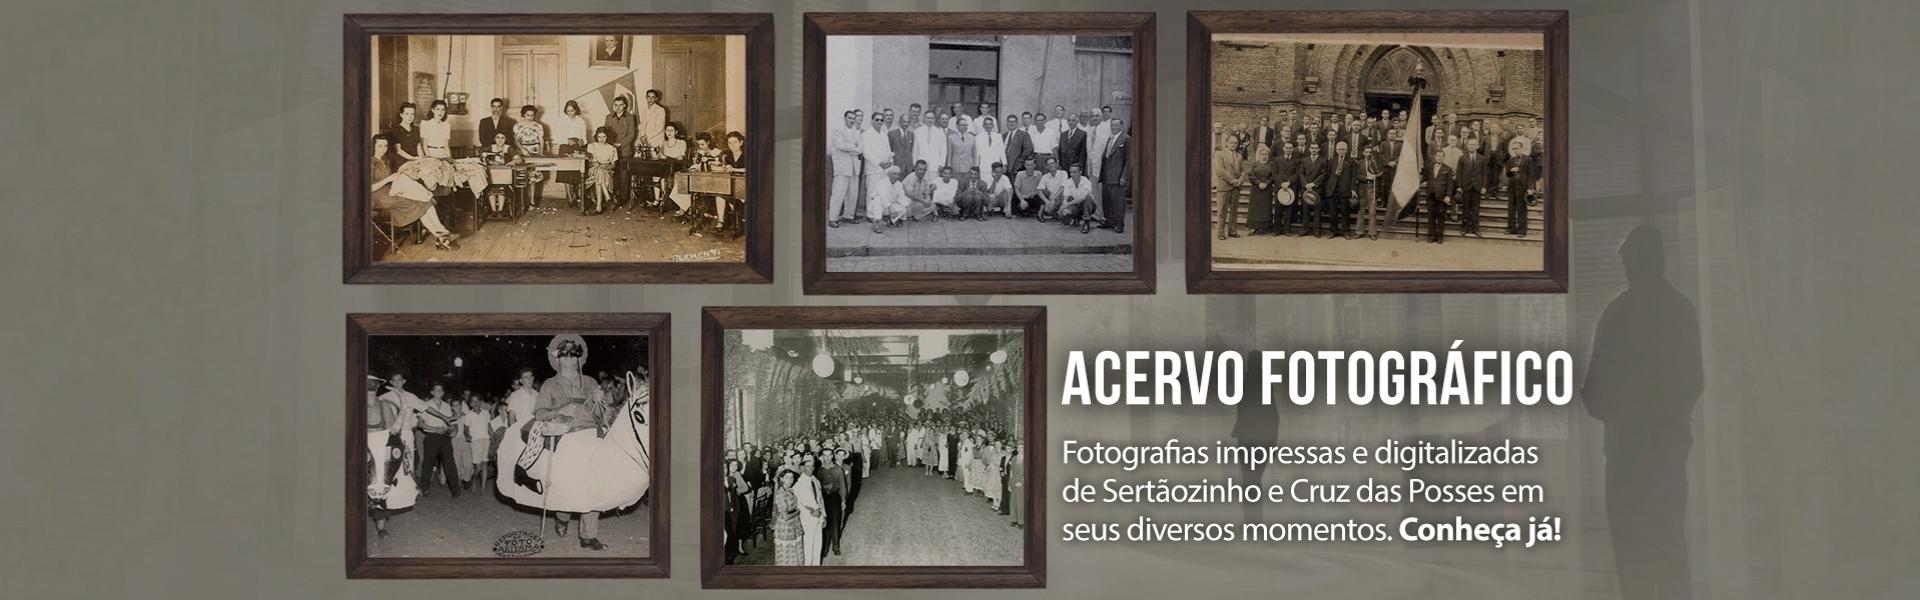 Banner Acerto Cultural